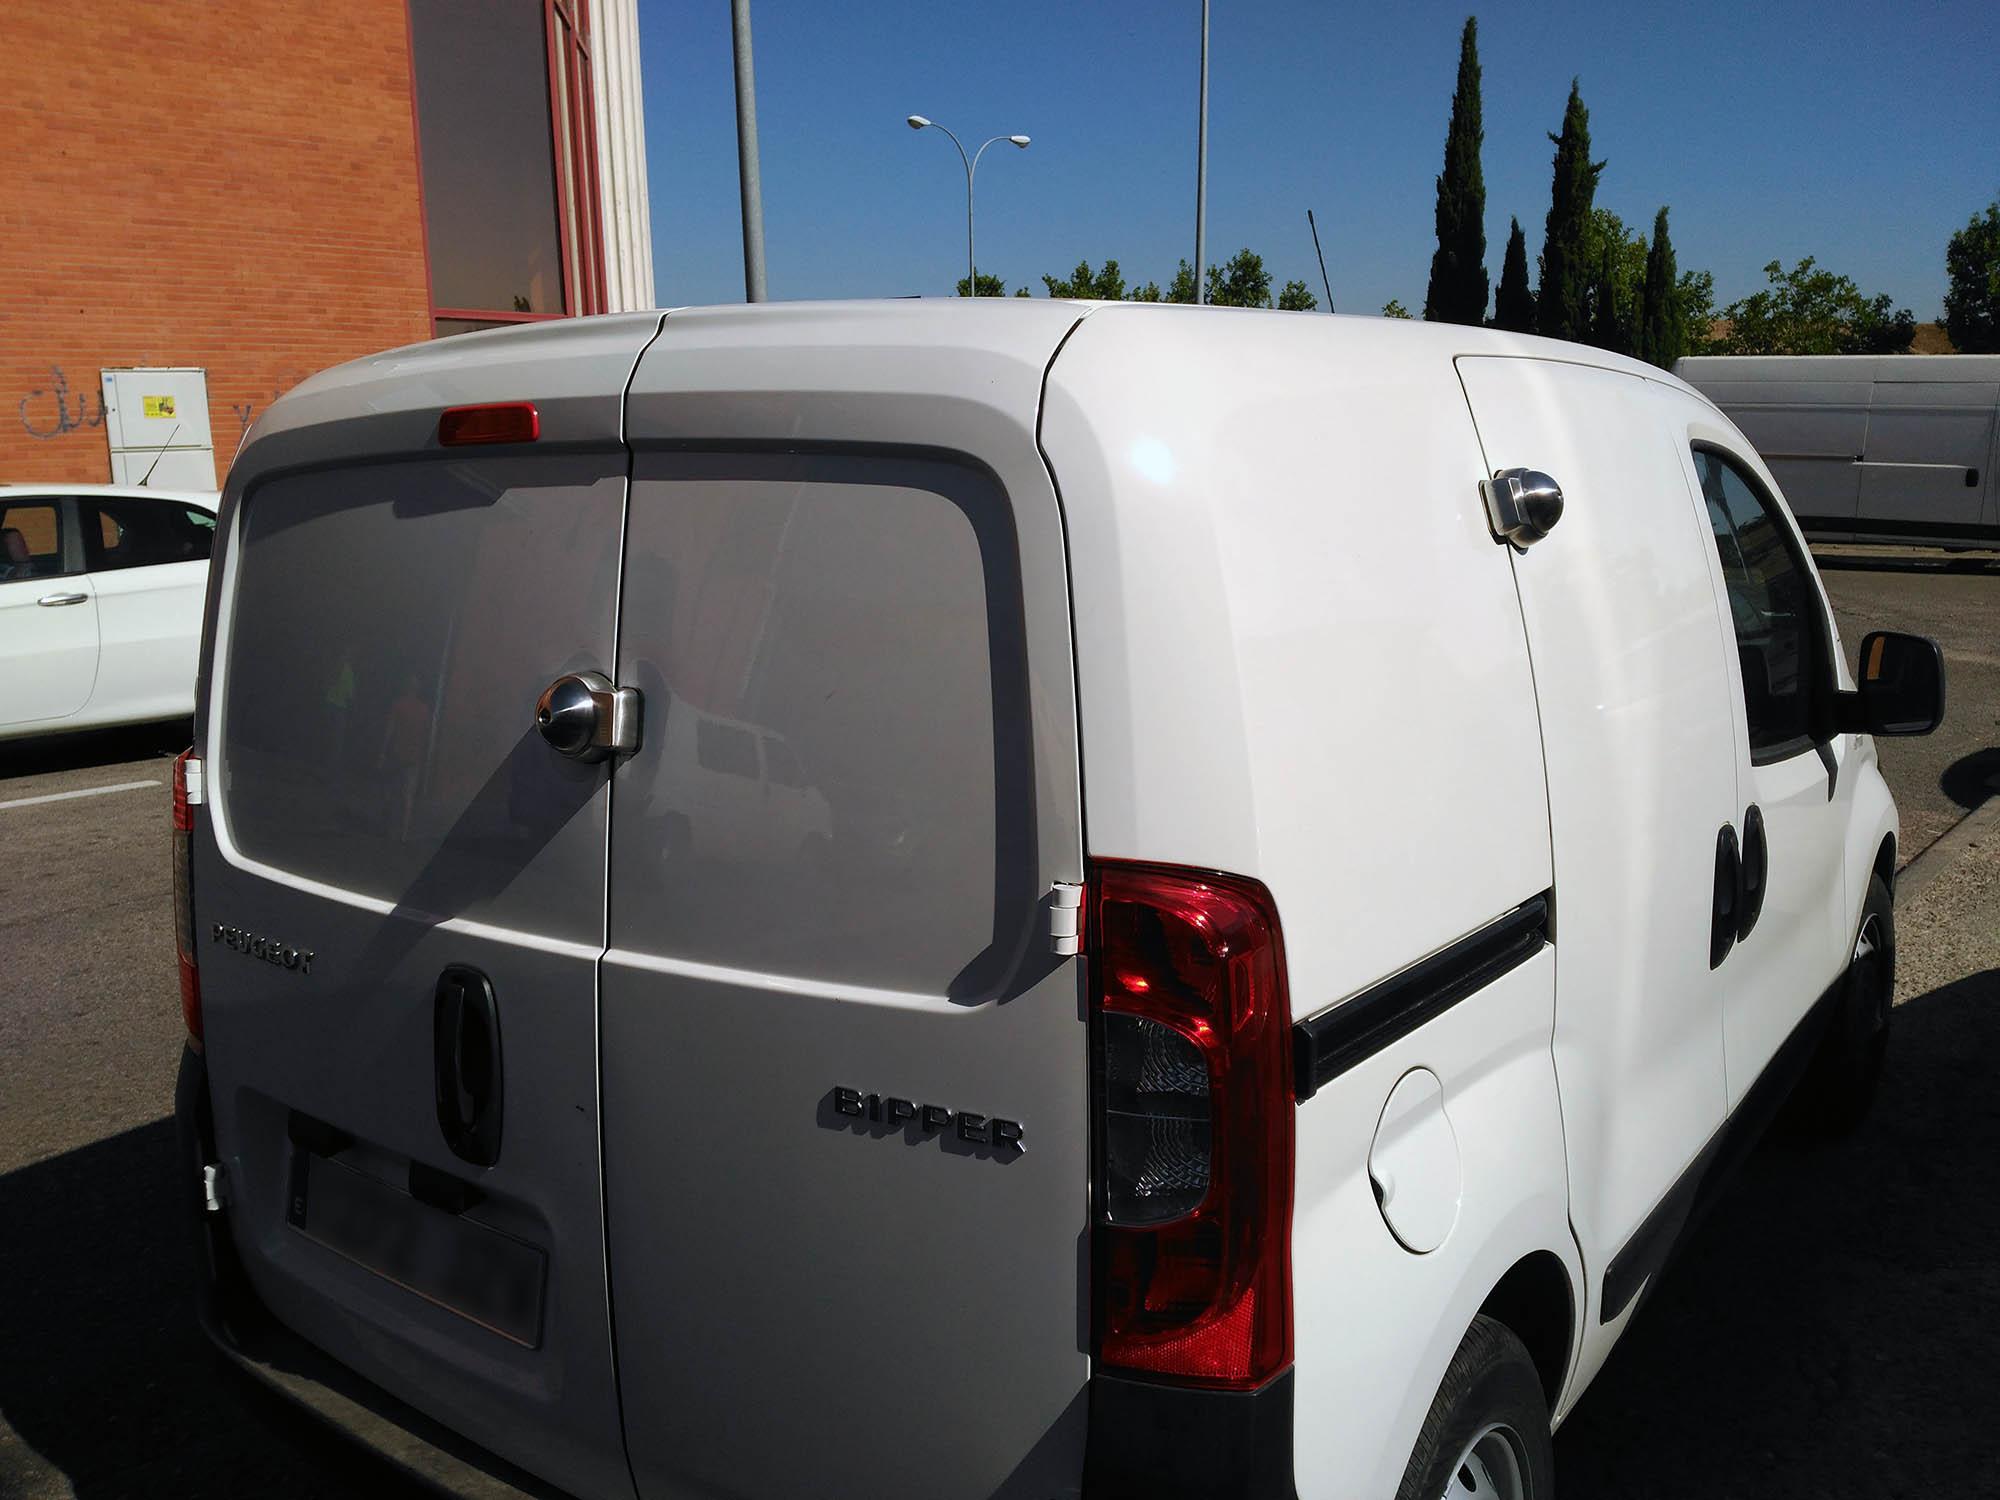 cerraduras de seguridad para furgonetas